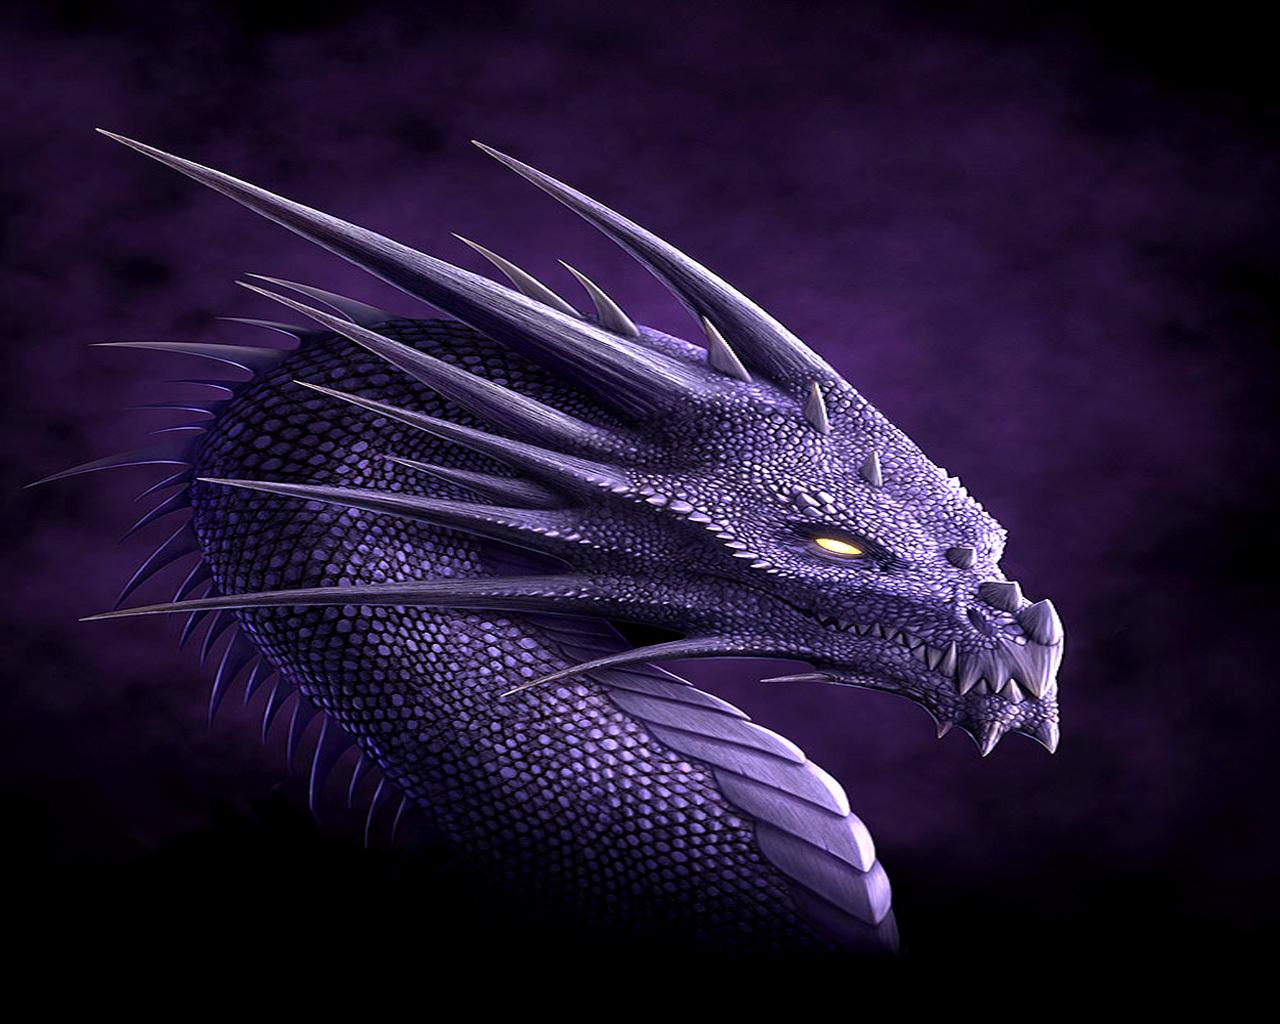 Desktop Backgrounds 4U Fantasy Dragons 1280x1024